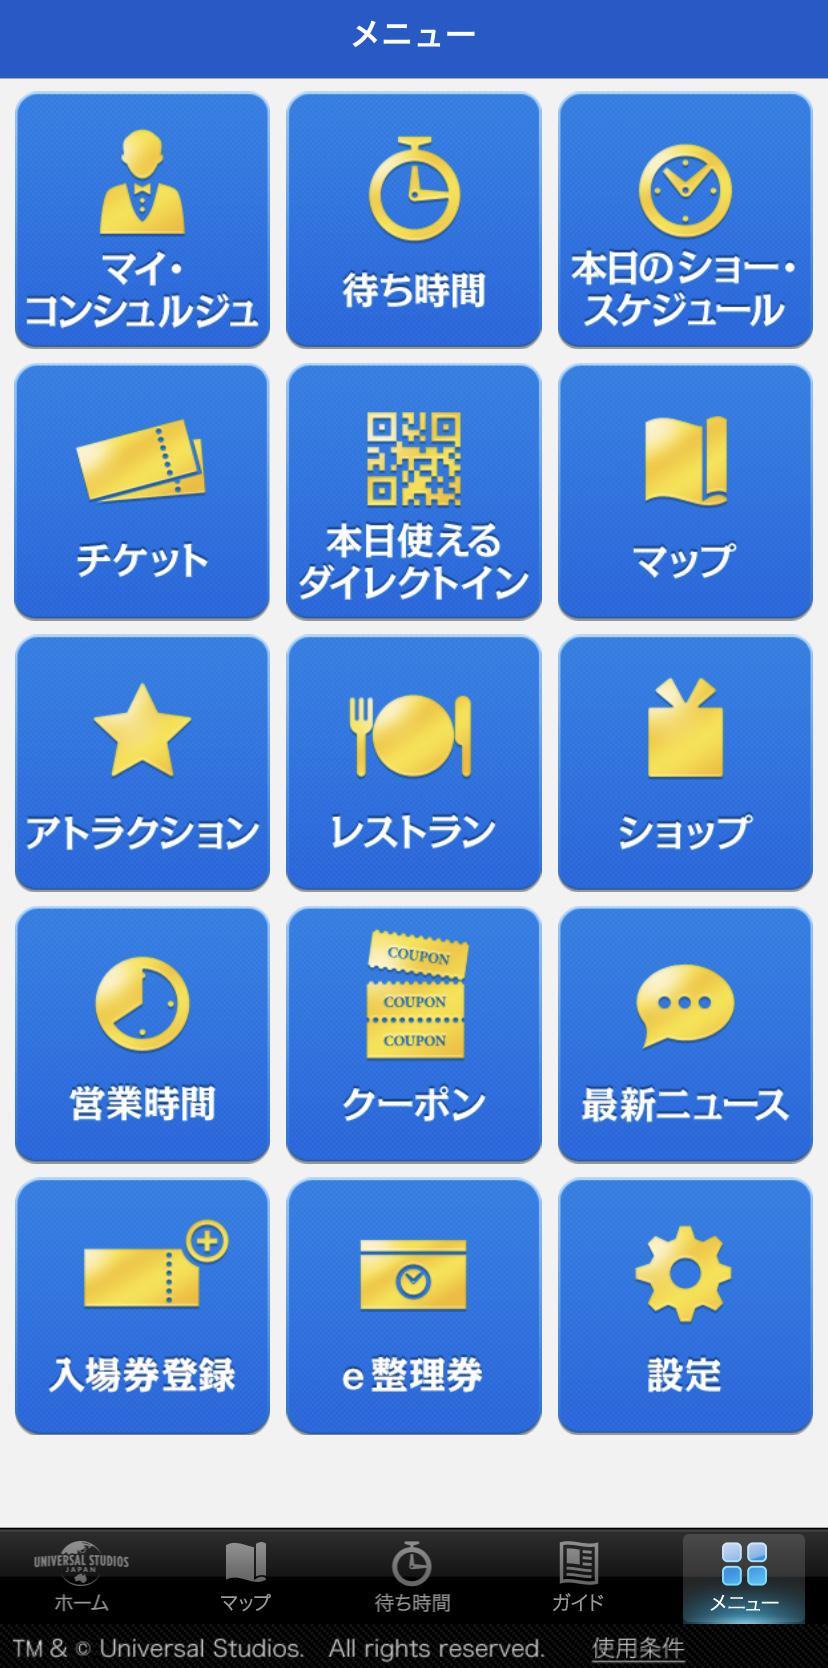 USJ公式アプリの使い方